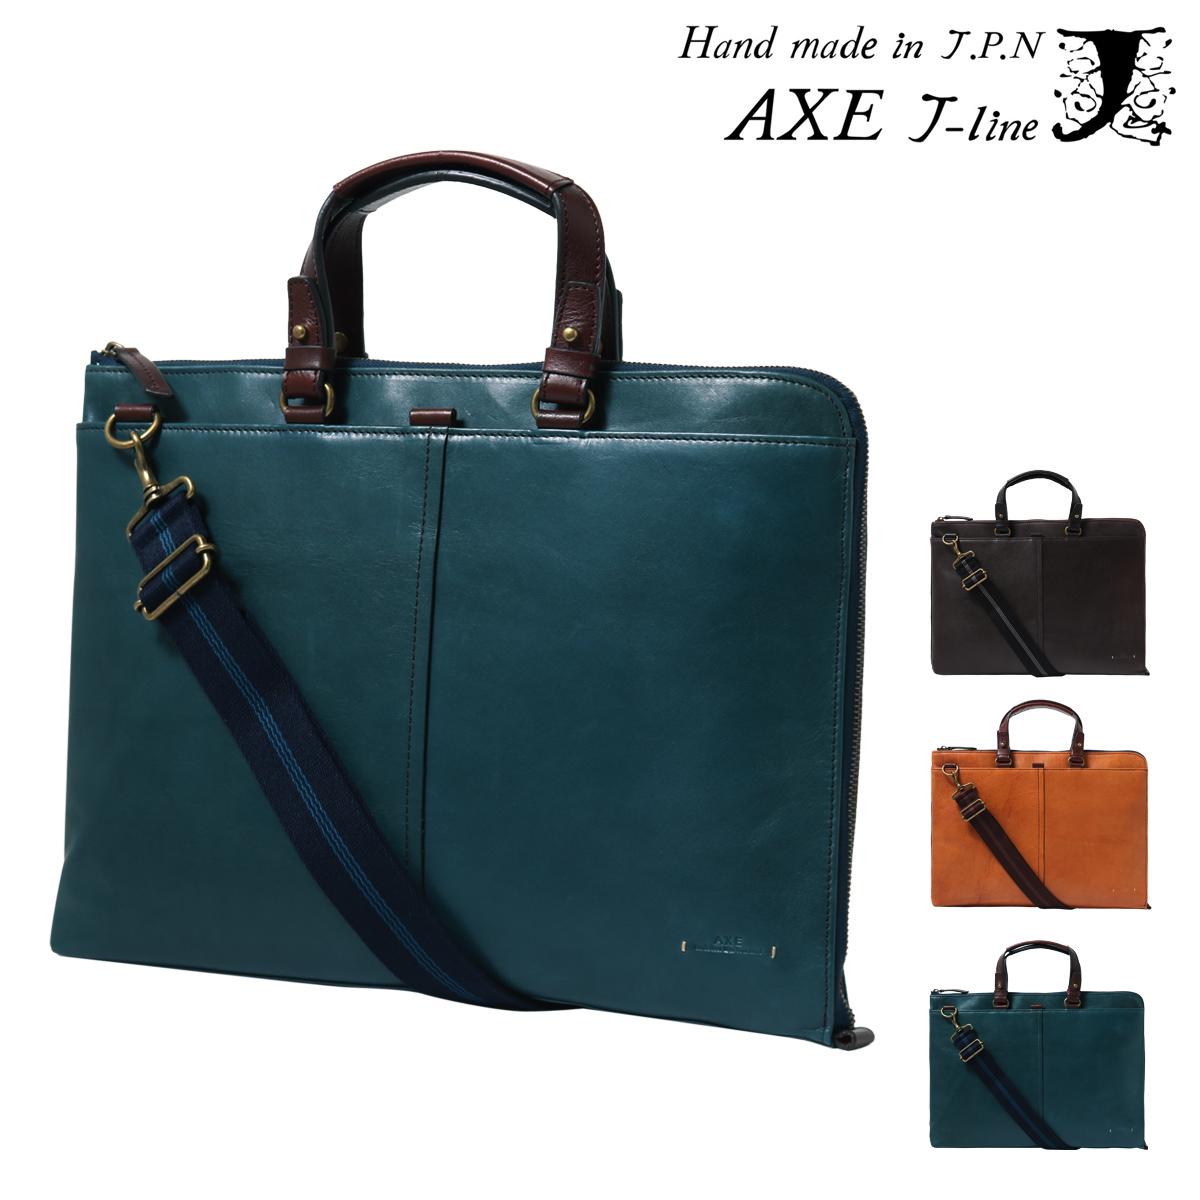 アックス ビジネスバッグ 薄マチ メンズ 本革 B4 スマートスタイル 607512 牛革 レザー ブリーフケース 薄型 軽量 AXE